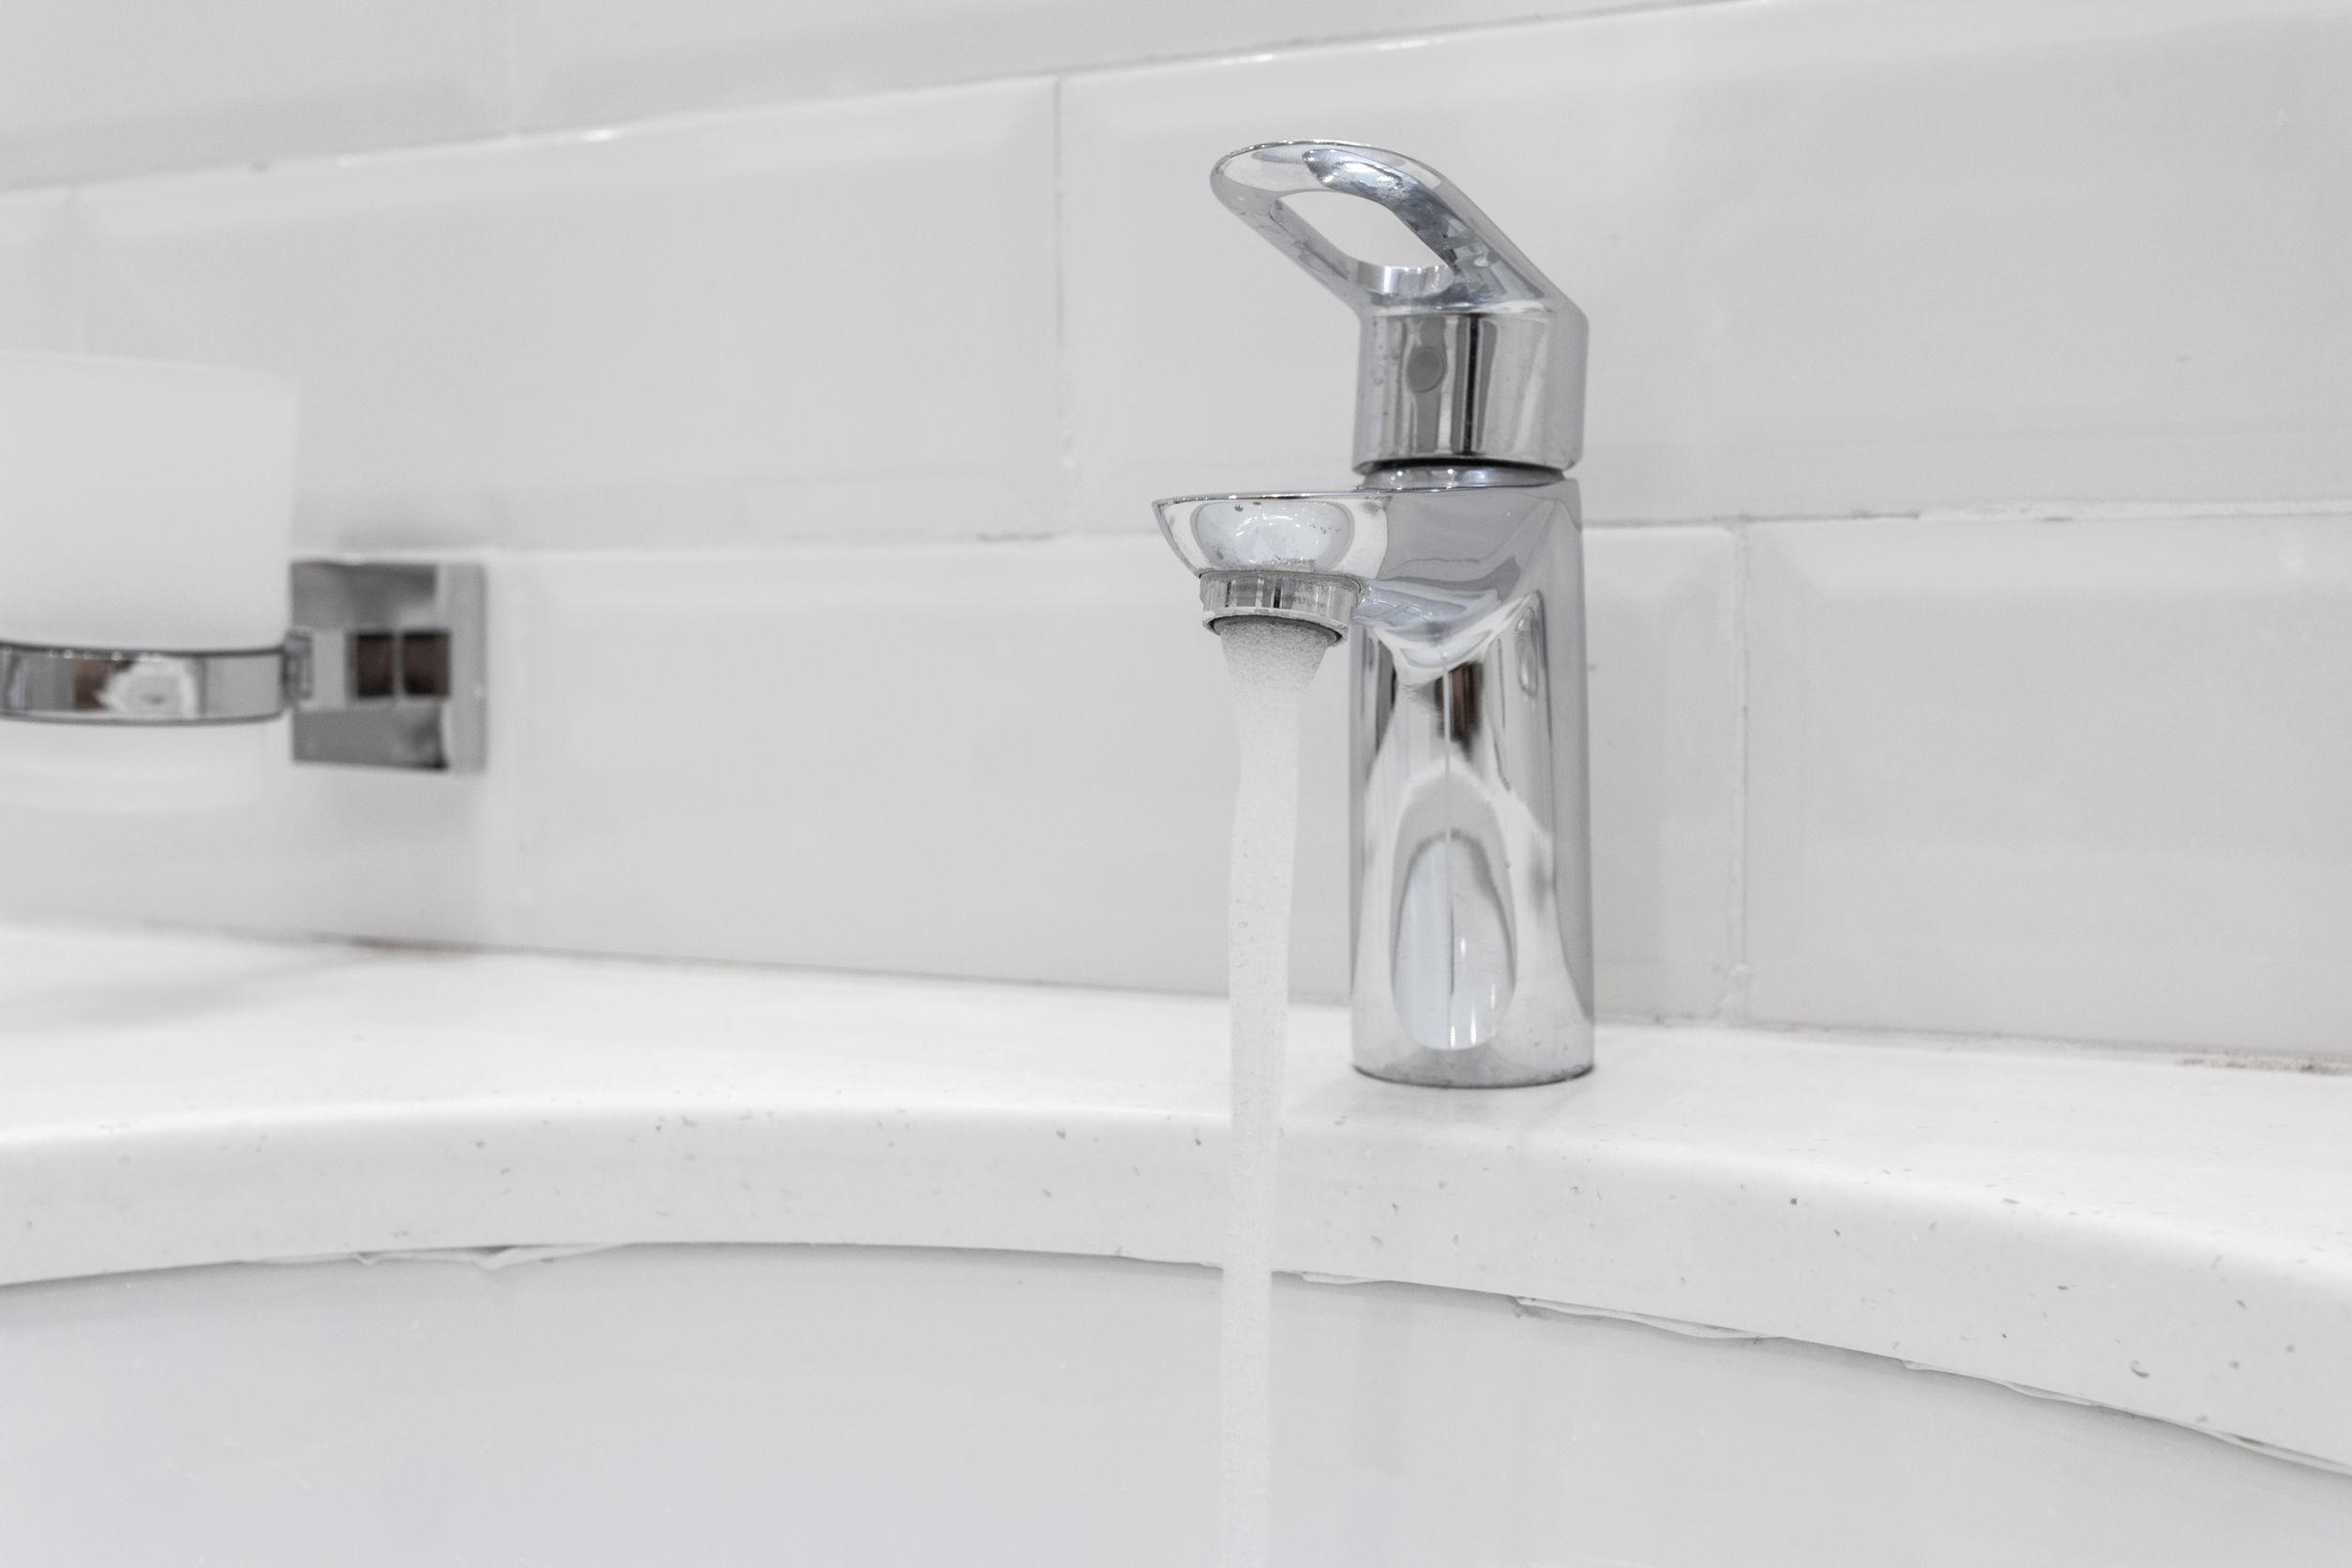 Hansgrohe Waschtischarmatur: Test & Empfehlungen (01/20)